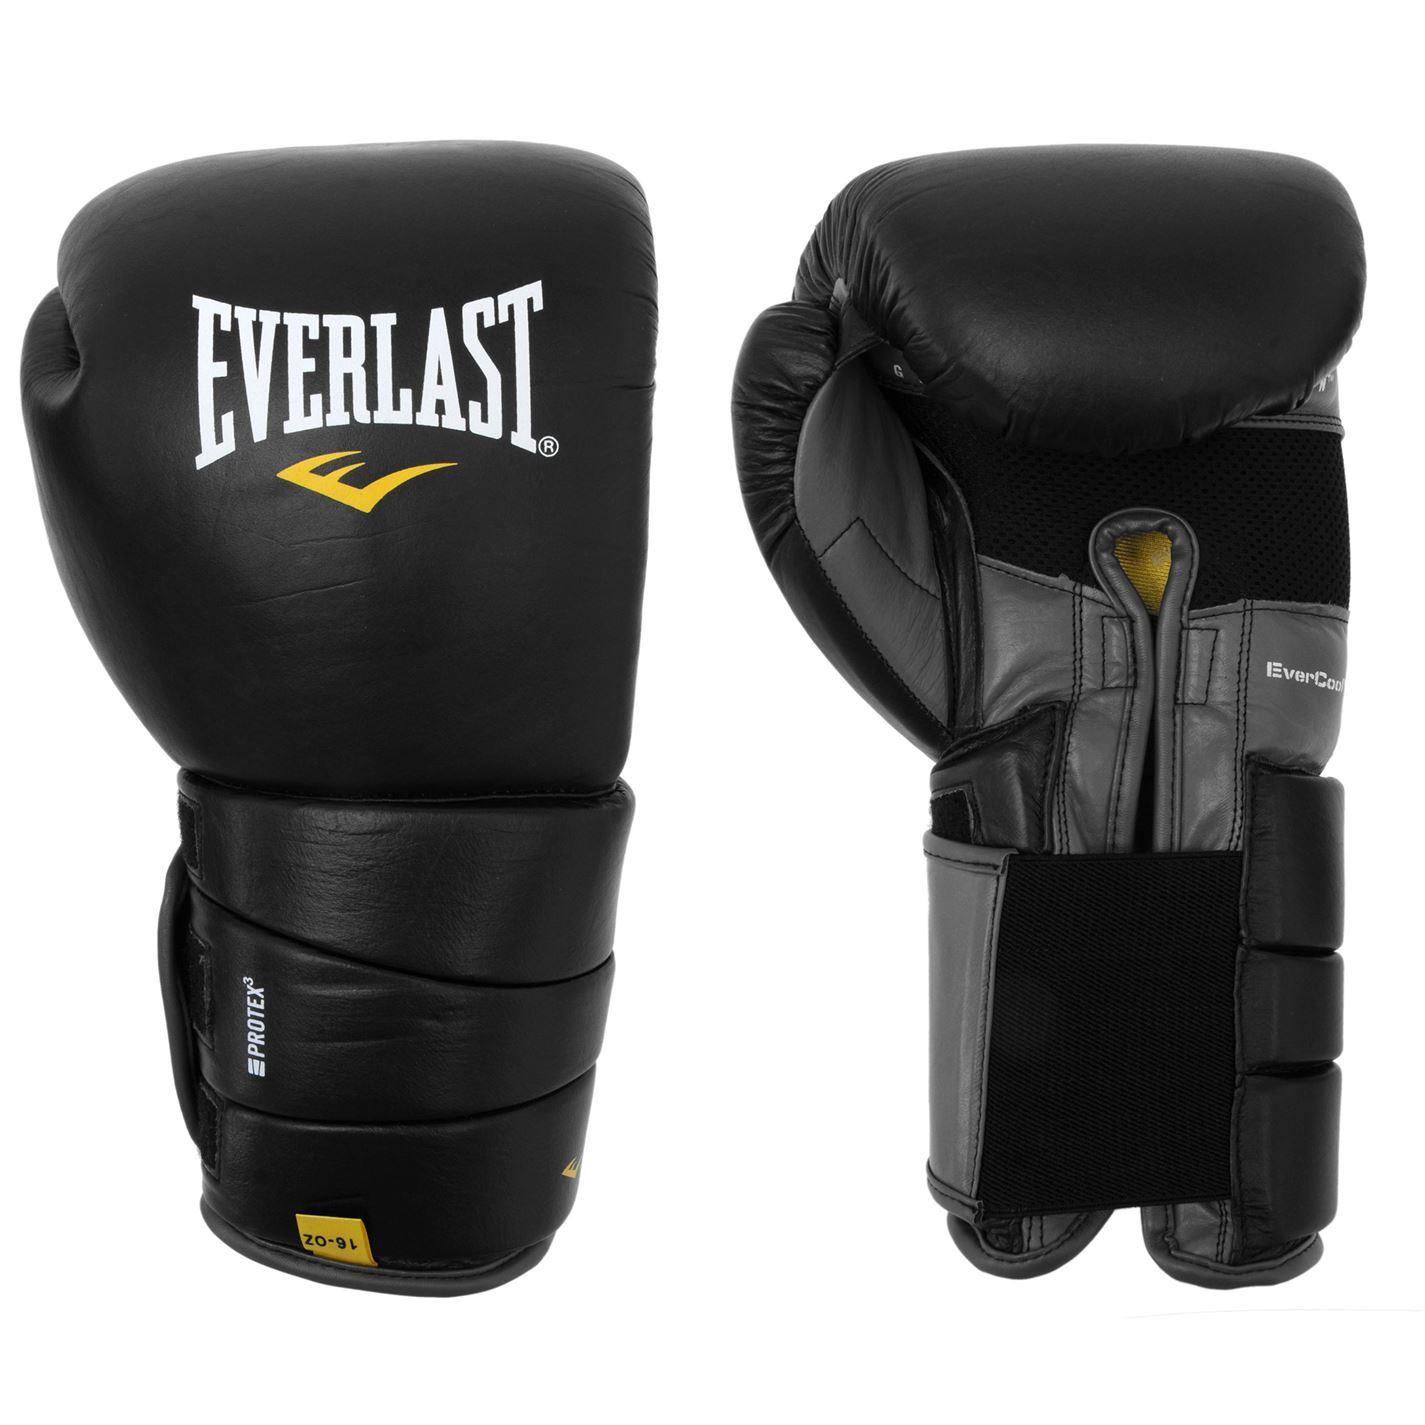 Everlast Protex 3 Gel Boxing Gloves Black Gym Fitness Bag Sparring Gloves